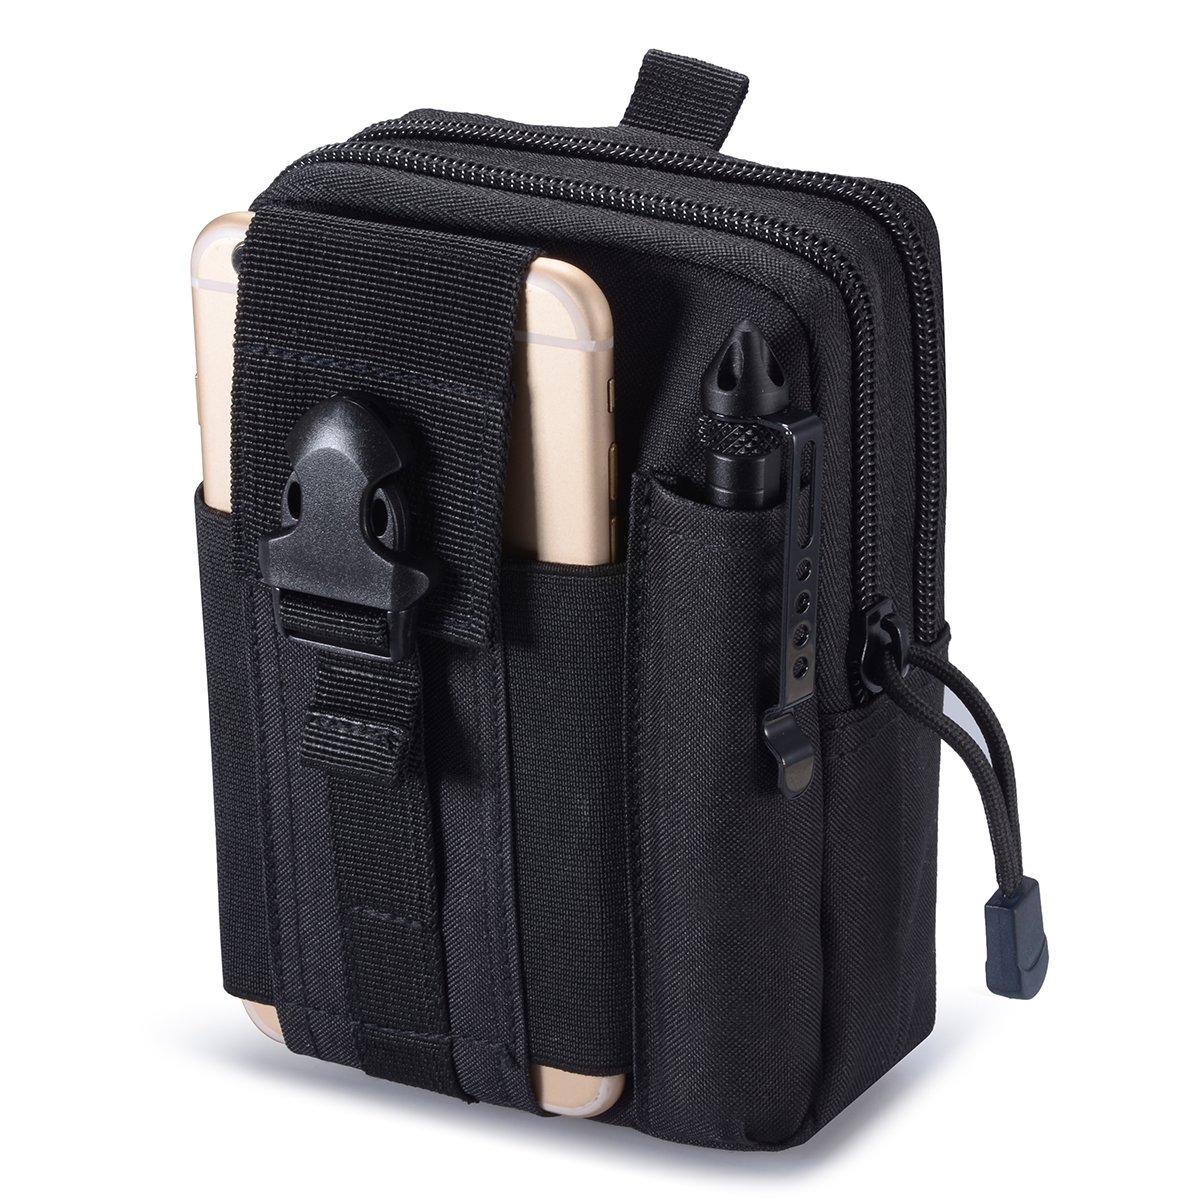 Zeato–Sac tactique EDC, gadget pour ceinture pour téléphone portable iPhone 6/6Plus 7/7Plus, Samsung Galaxy S7S8S6, LG, HTC et autres Zeato-Sac tactique EDC